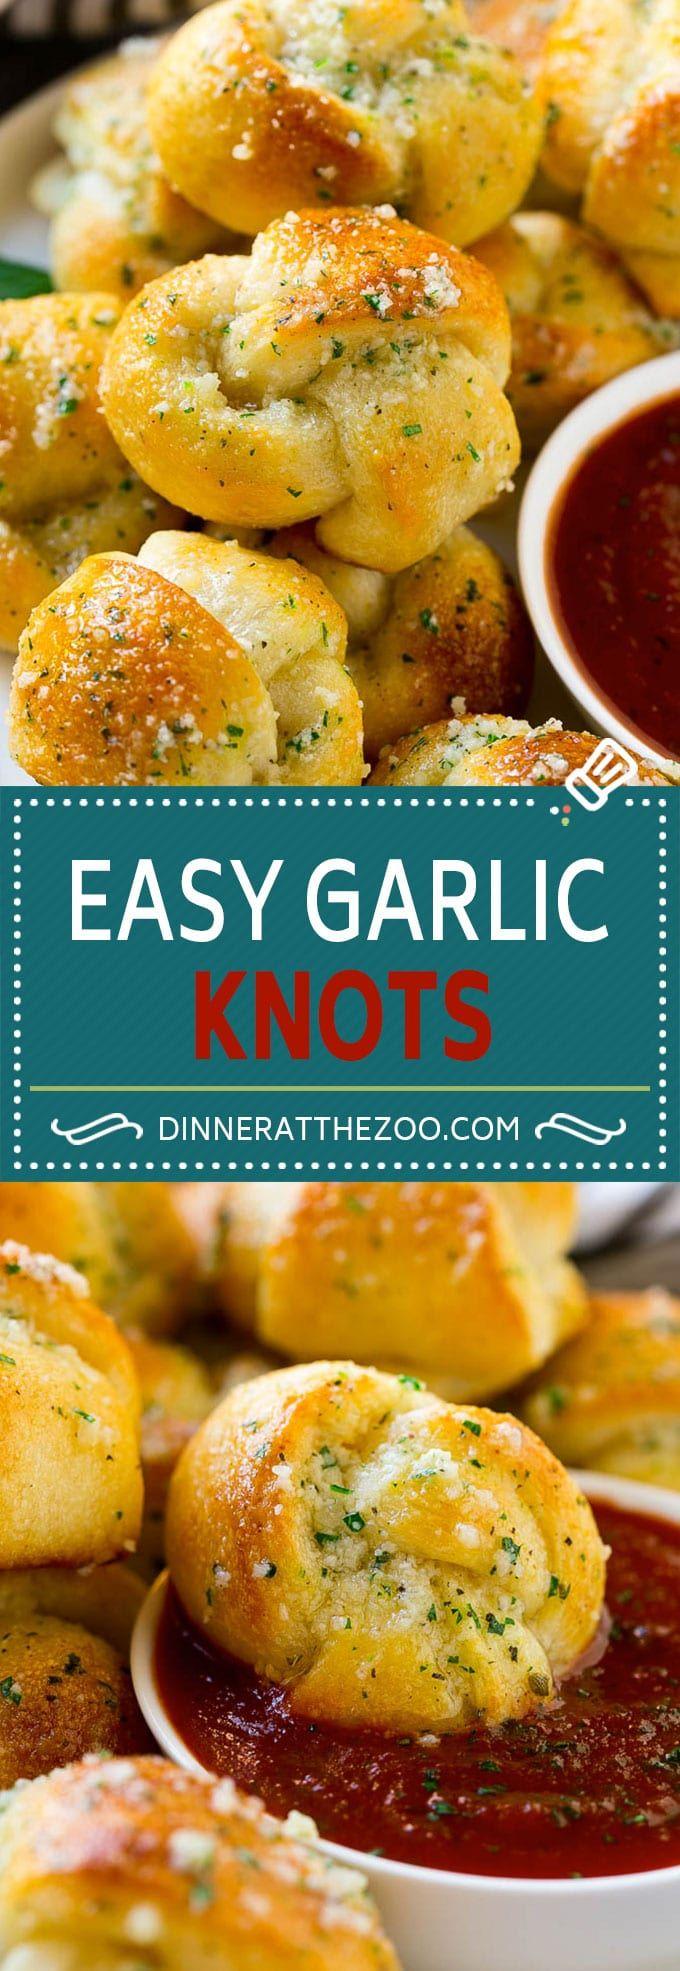 Garlic Knots Recipe | Garlic Rolls | Garlic Butter Rolls | Garlic Bread Recipe